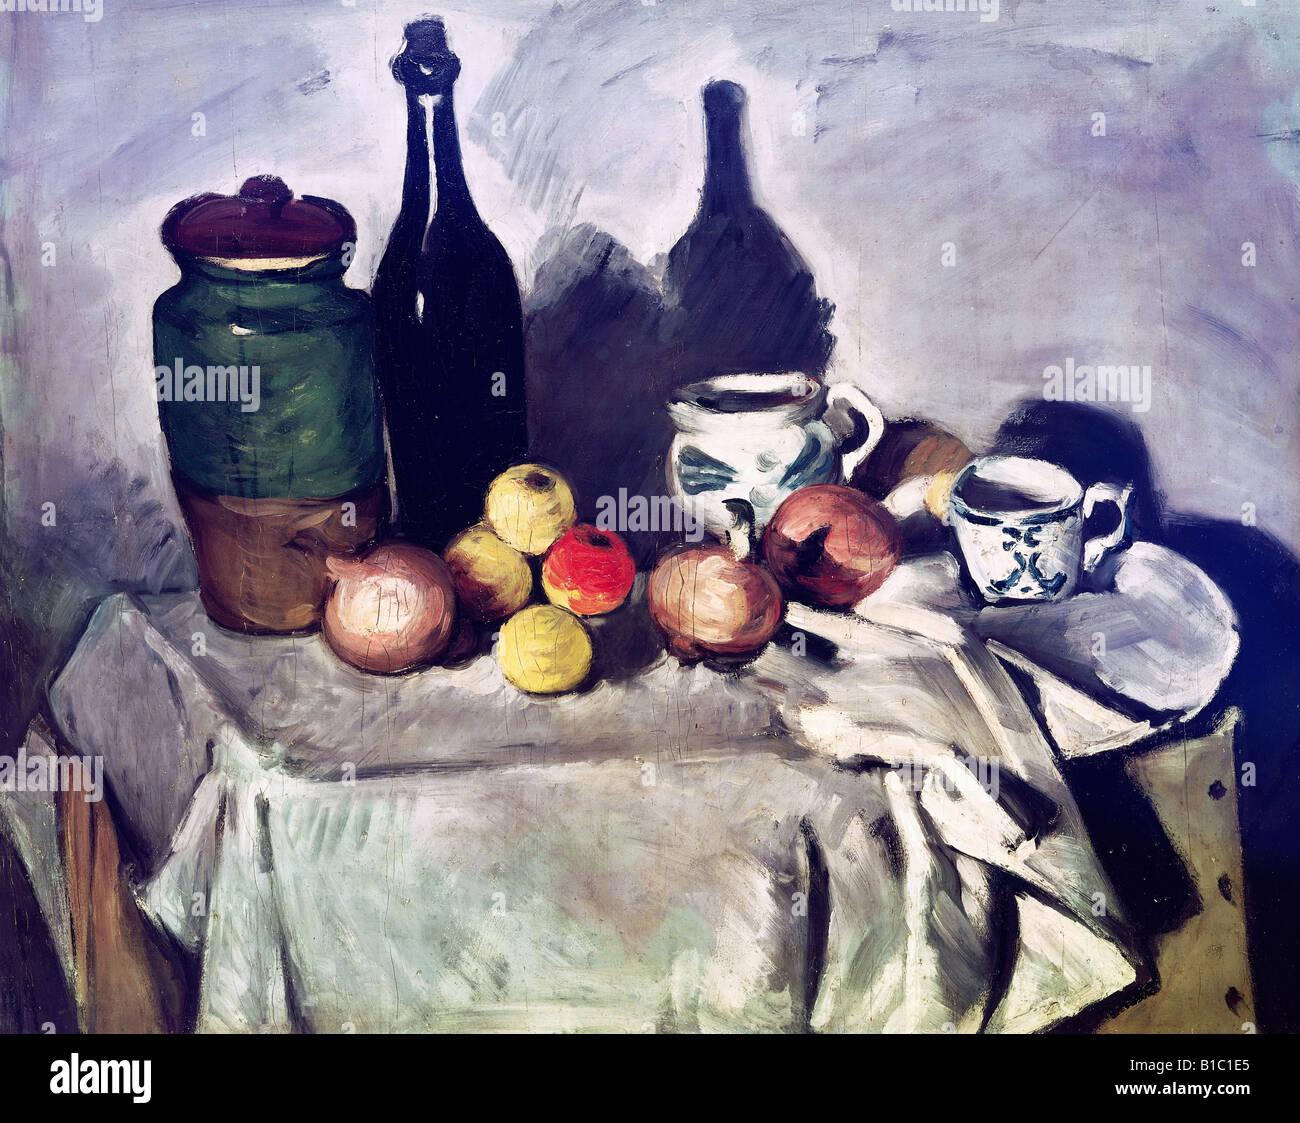 Belle arti, Cezanne, Paul (19.1.1893 - 22.10.1906), pittura, 'Still vita con frutta e piatti', intorno al 1869 - 1871, bottiglia, t Foto Stock